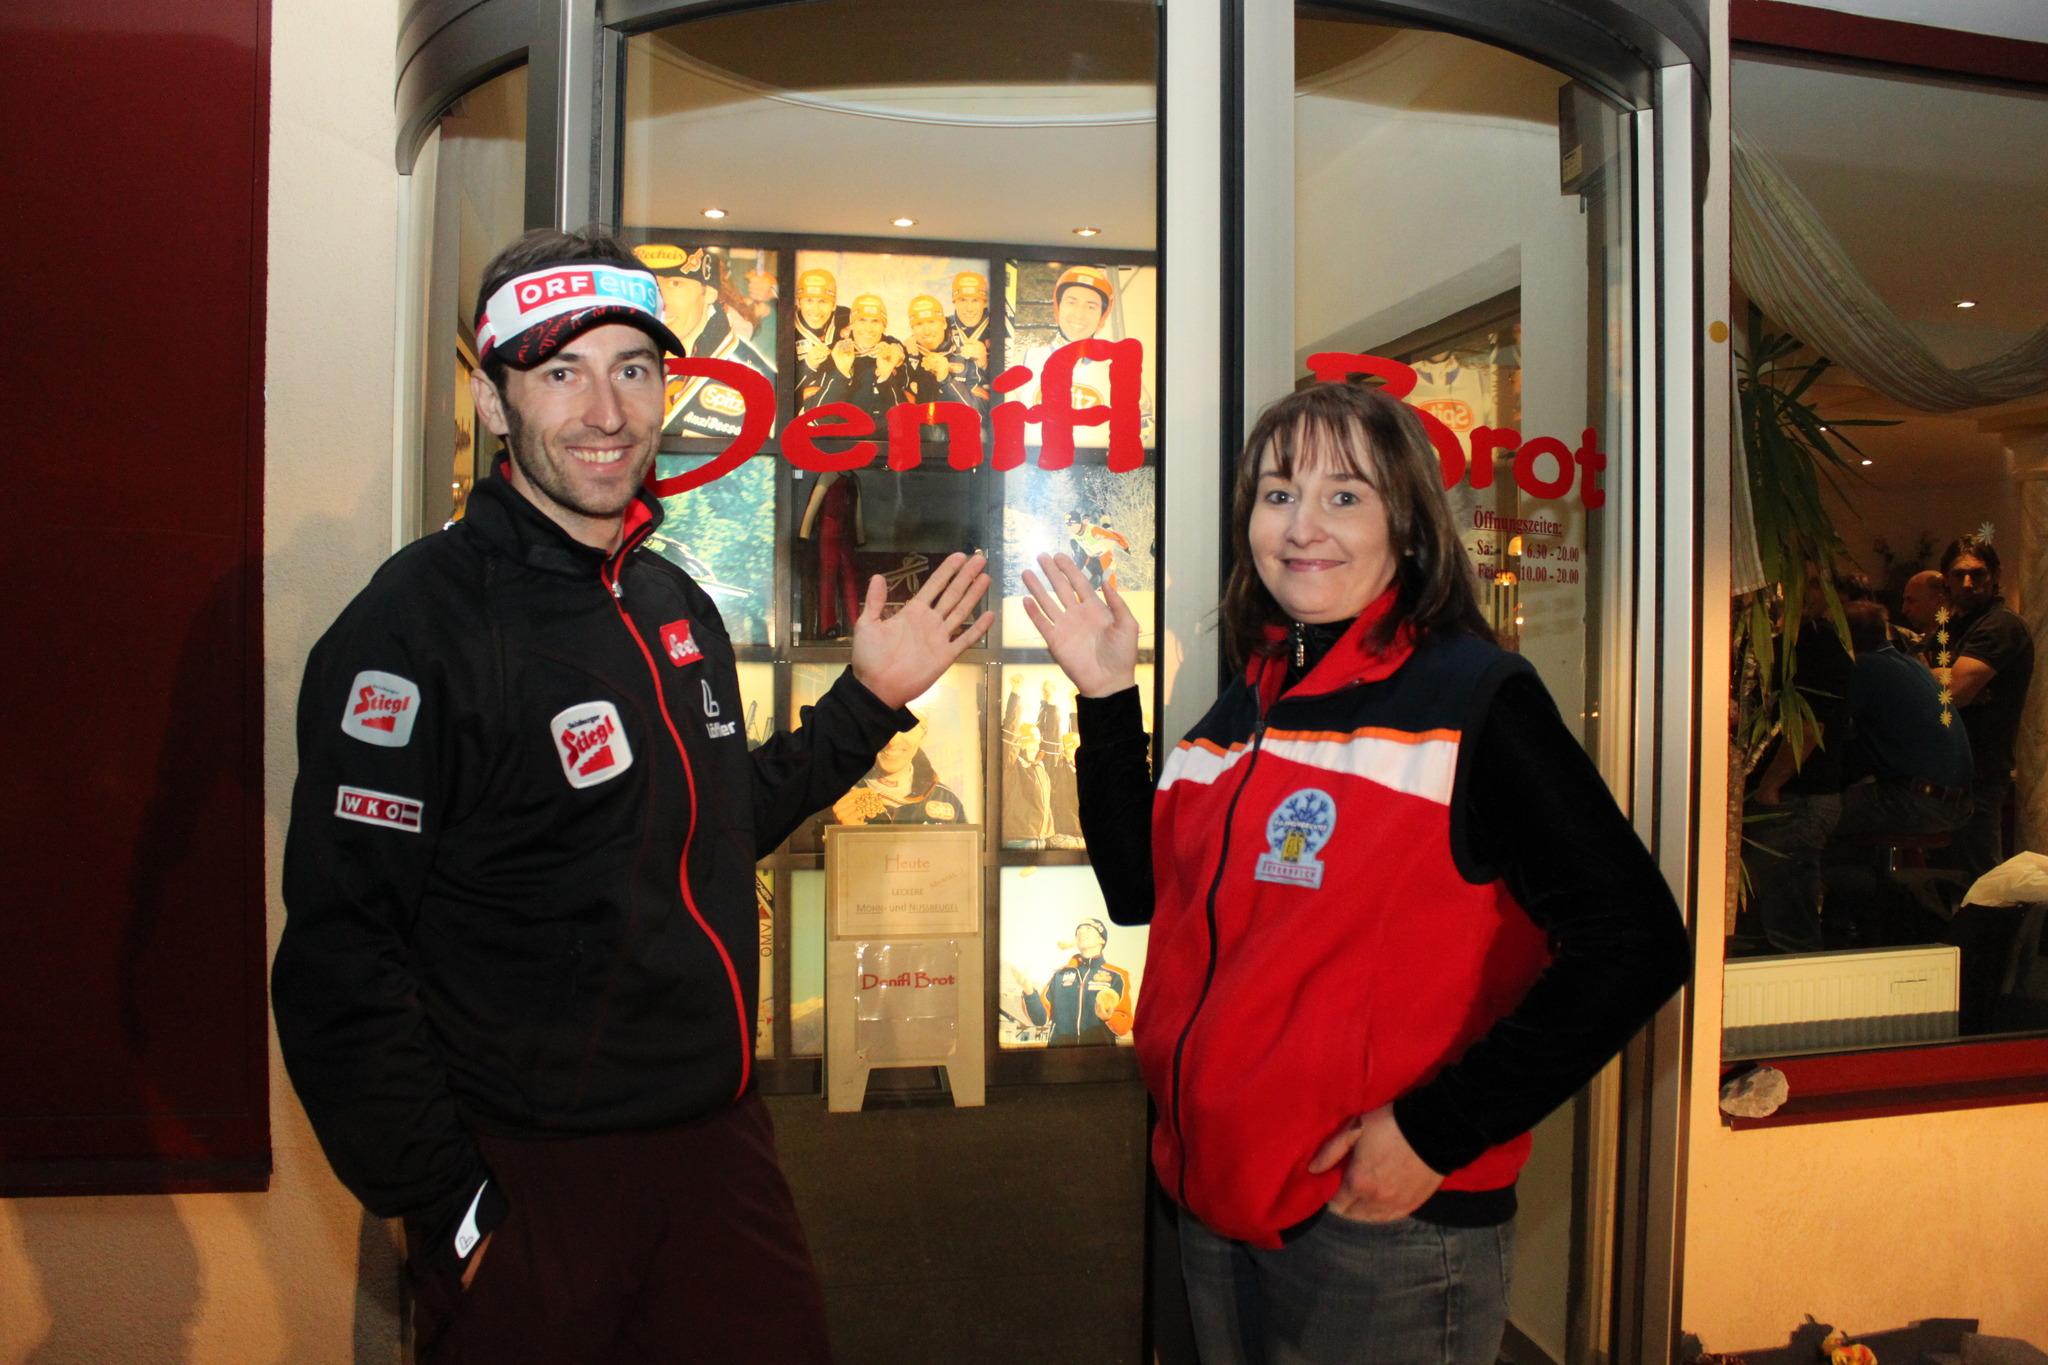 Sportliches Geschwisterpaar aus Fulpmes! - Stubai-Wipptal